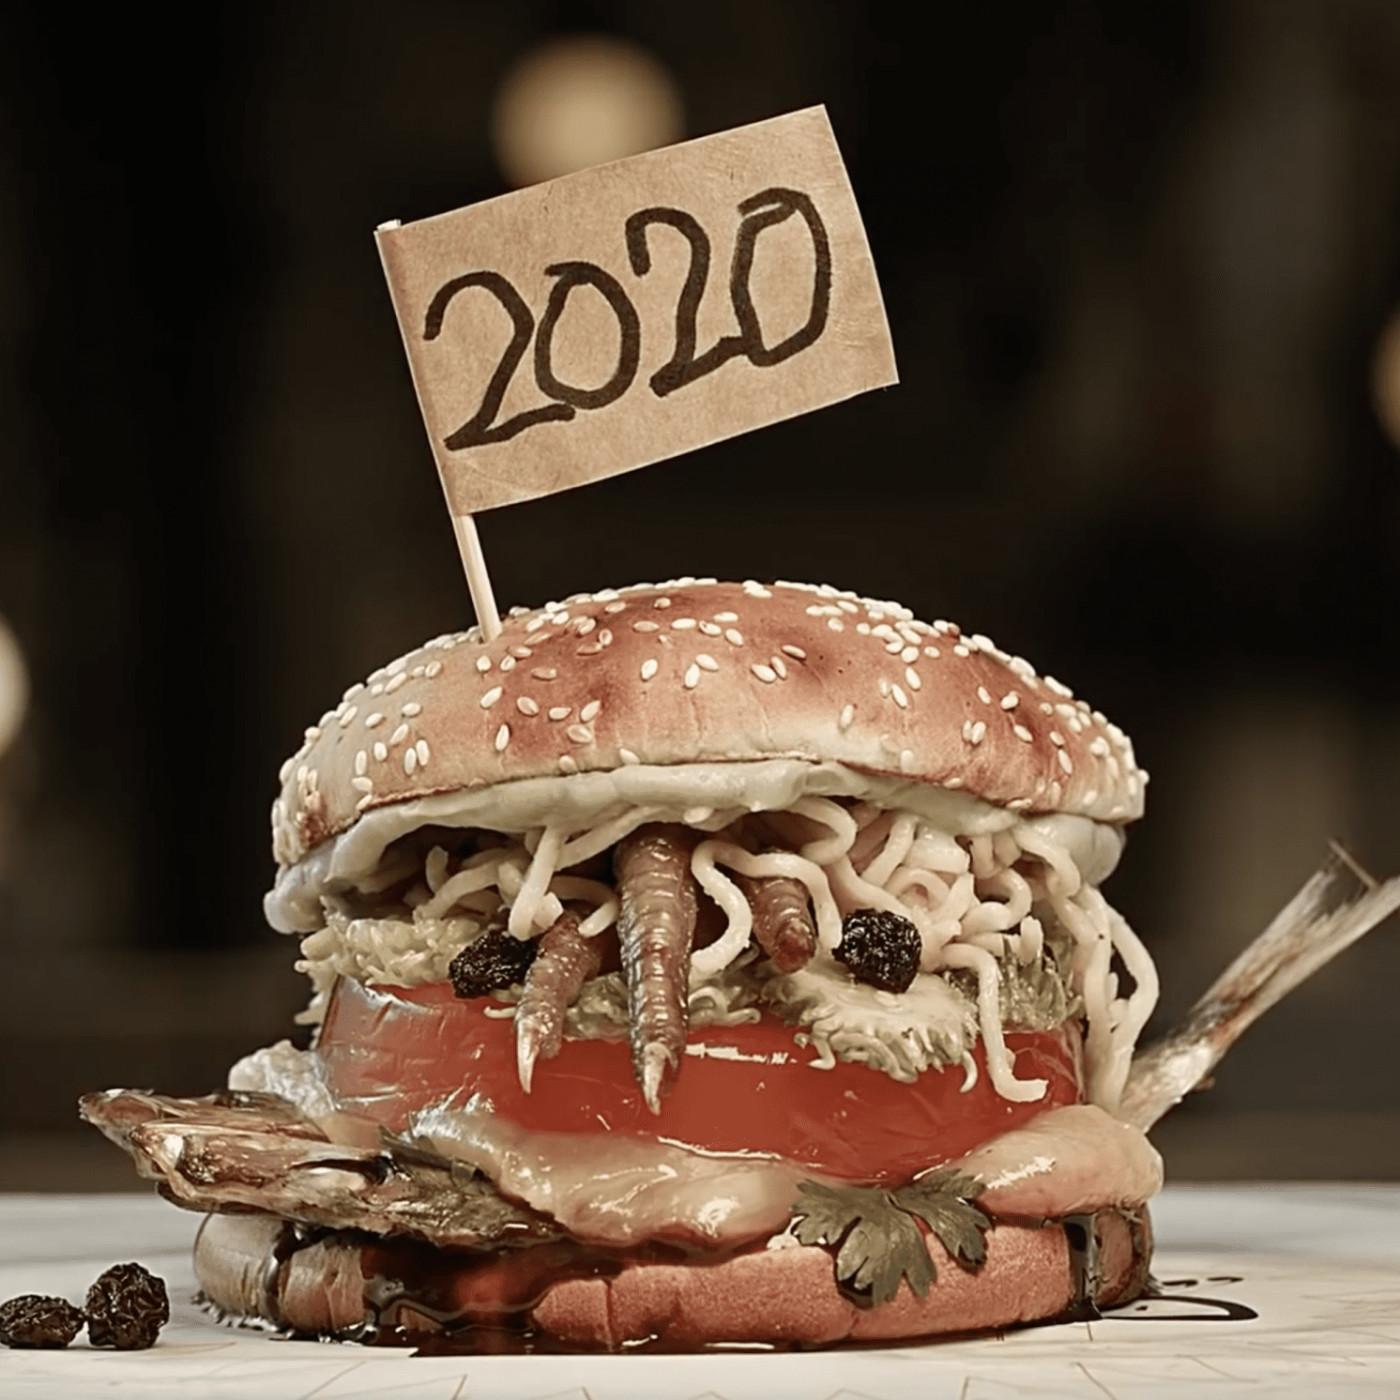 Le dernier né immonde de Burger King : le 2020.